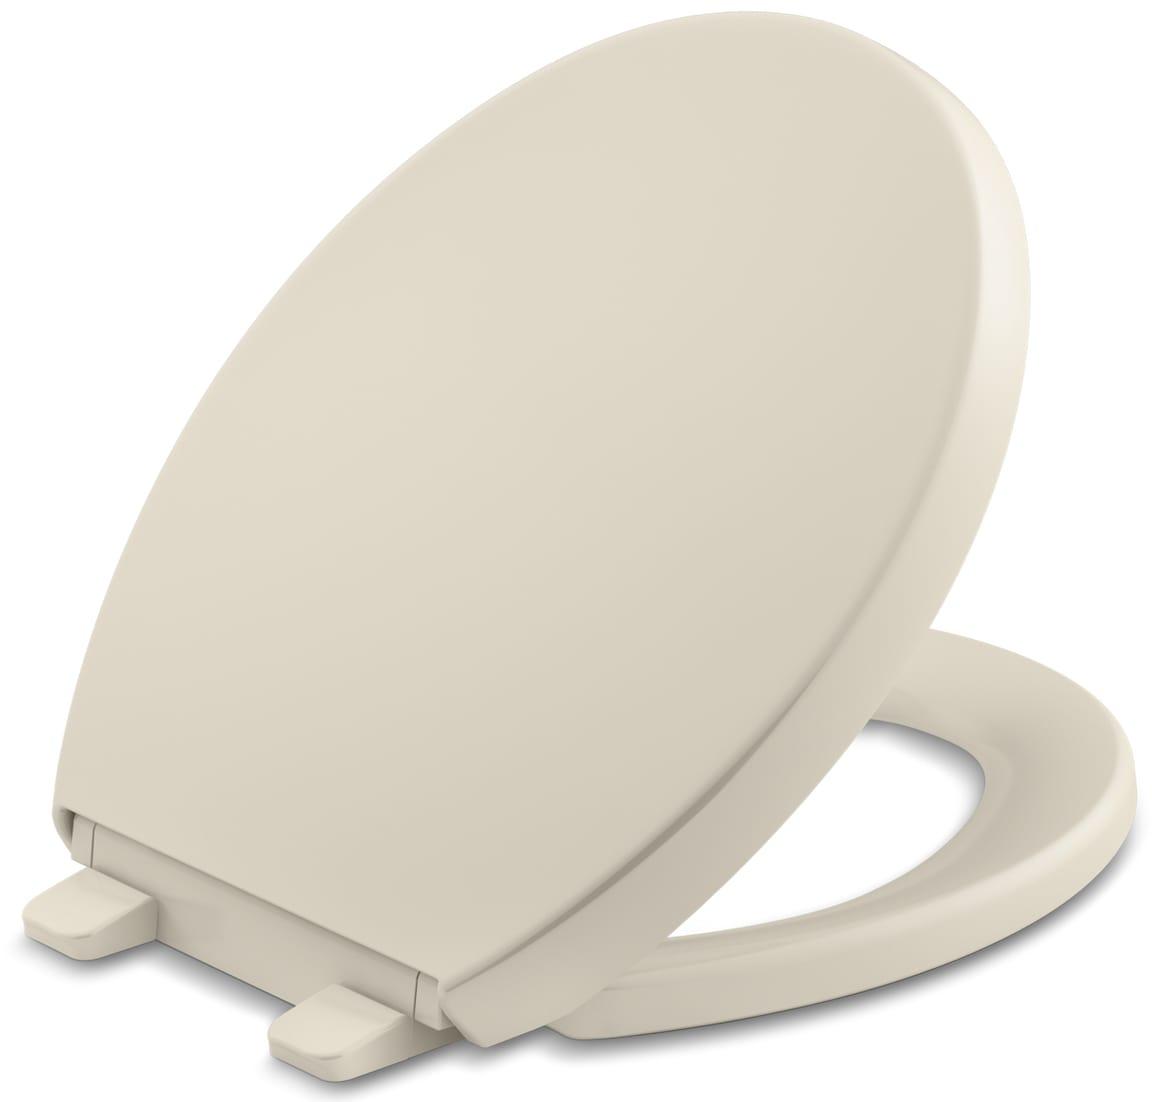 Wondrous Kohler K 4009 Build Com Ncnpc Chair Design For Home Ncnpcorg